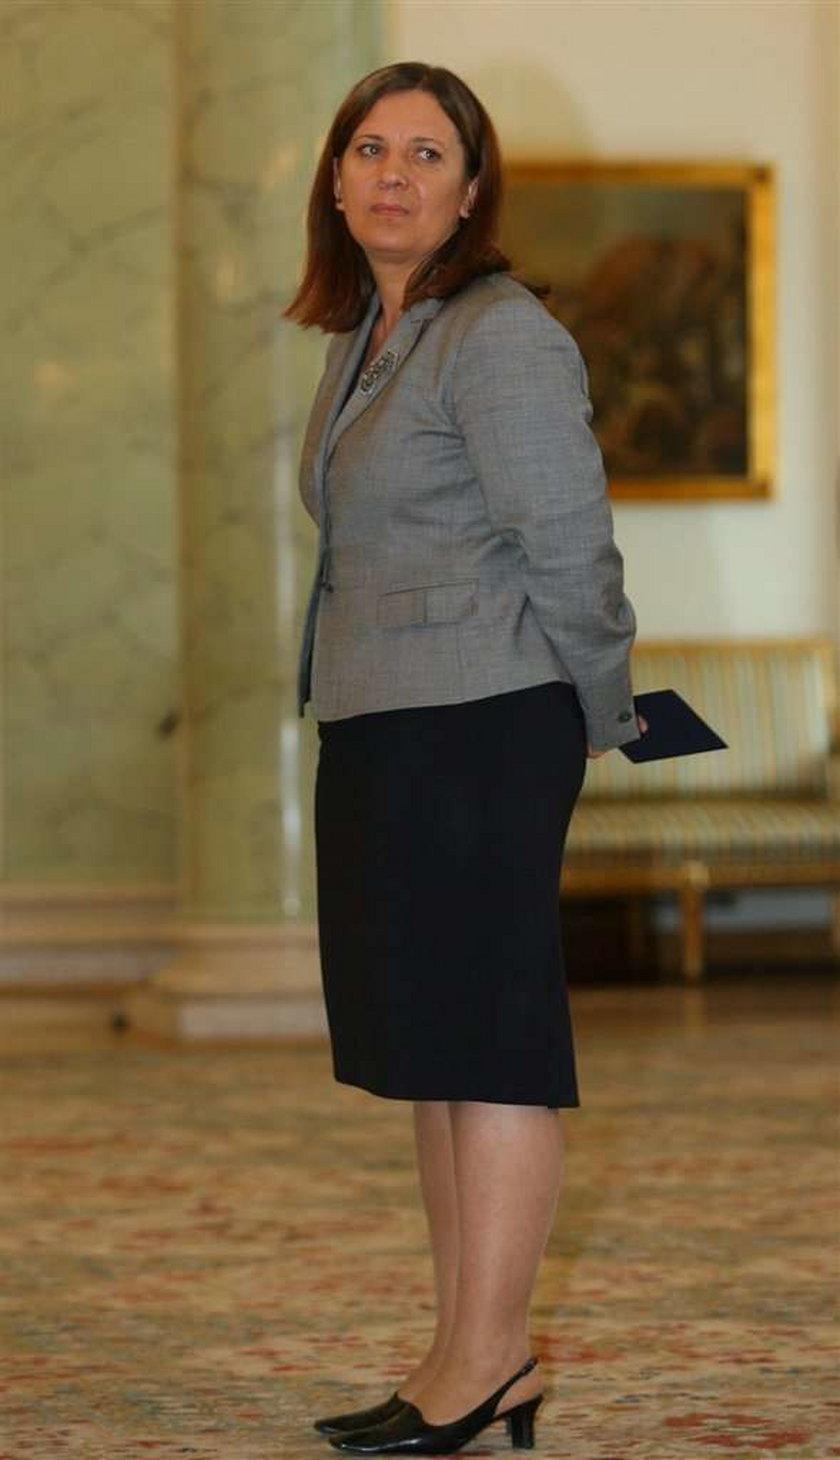 Sondaż: Kto zastąpi Kaczyńskiego w PiS?